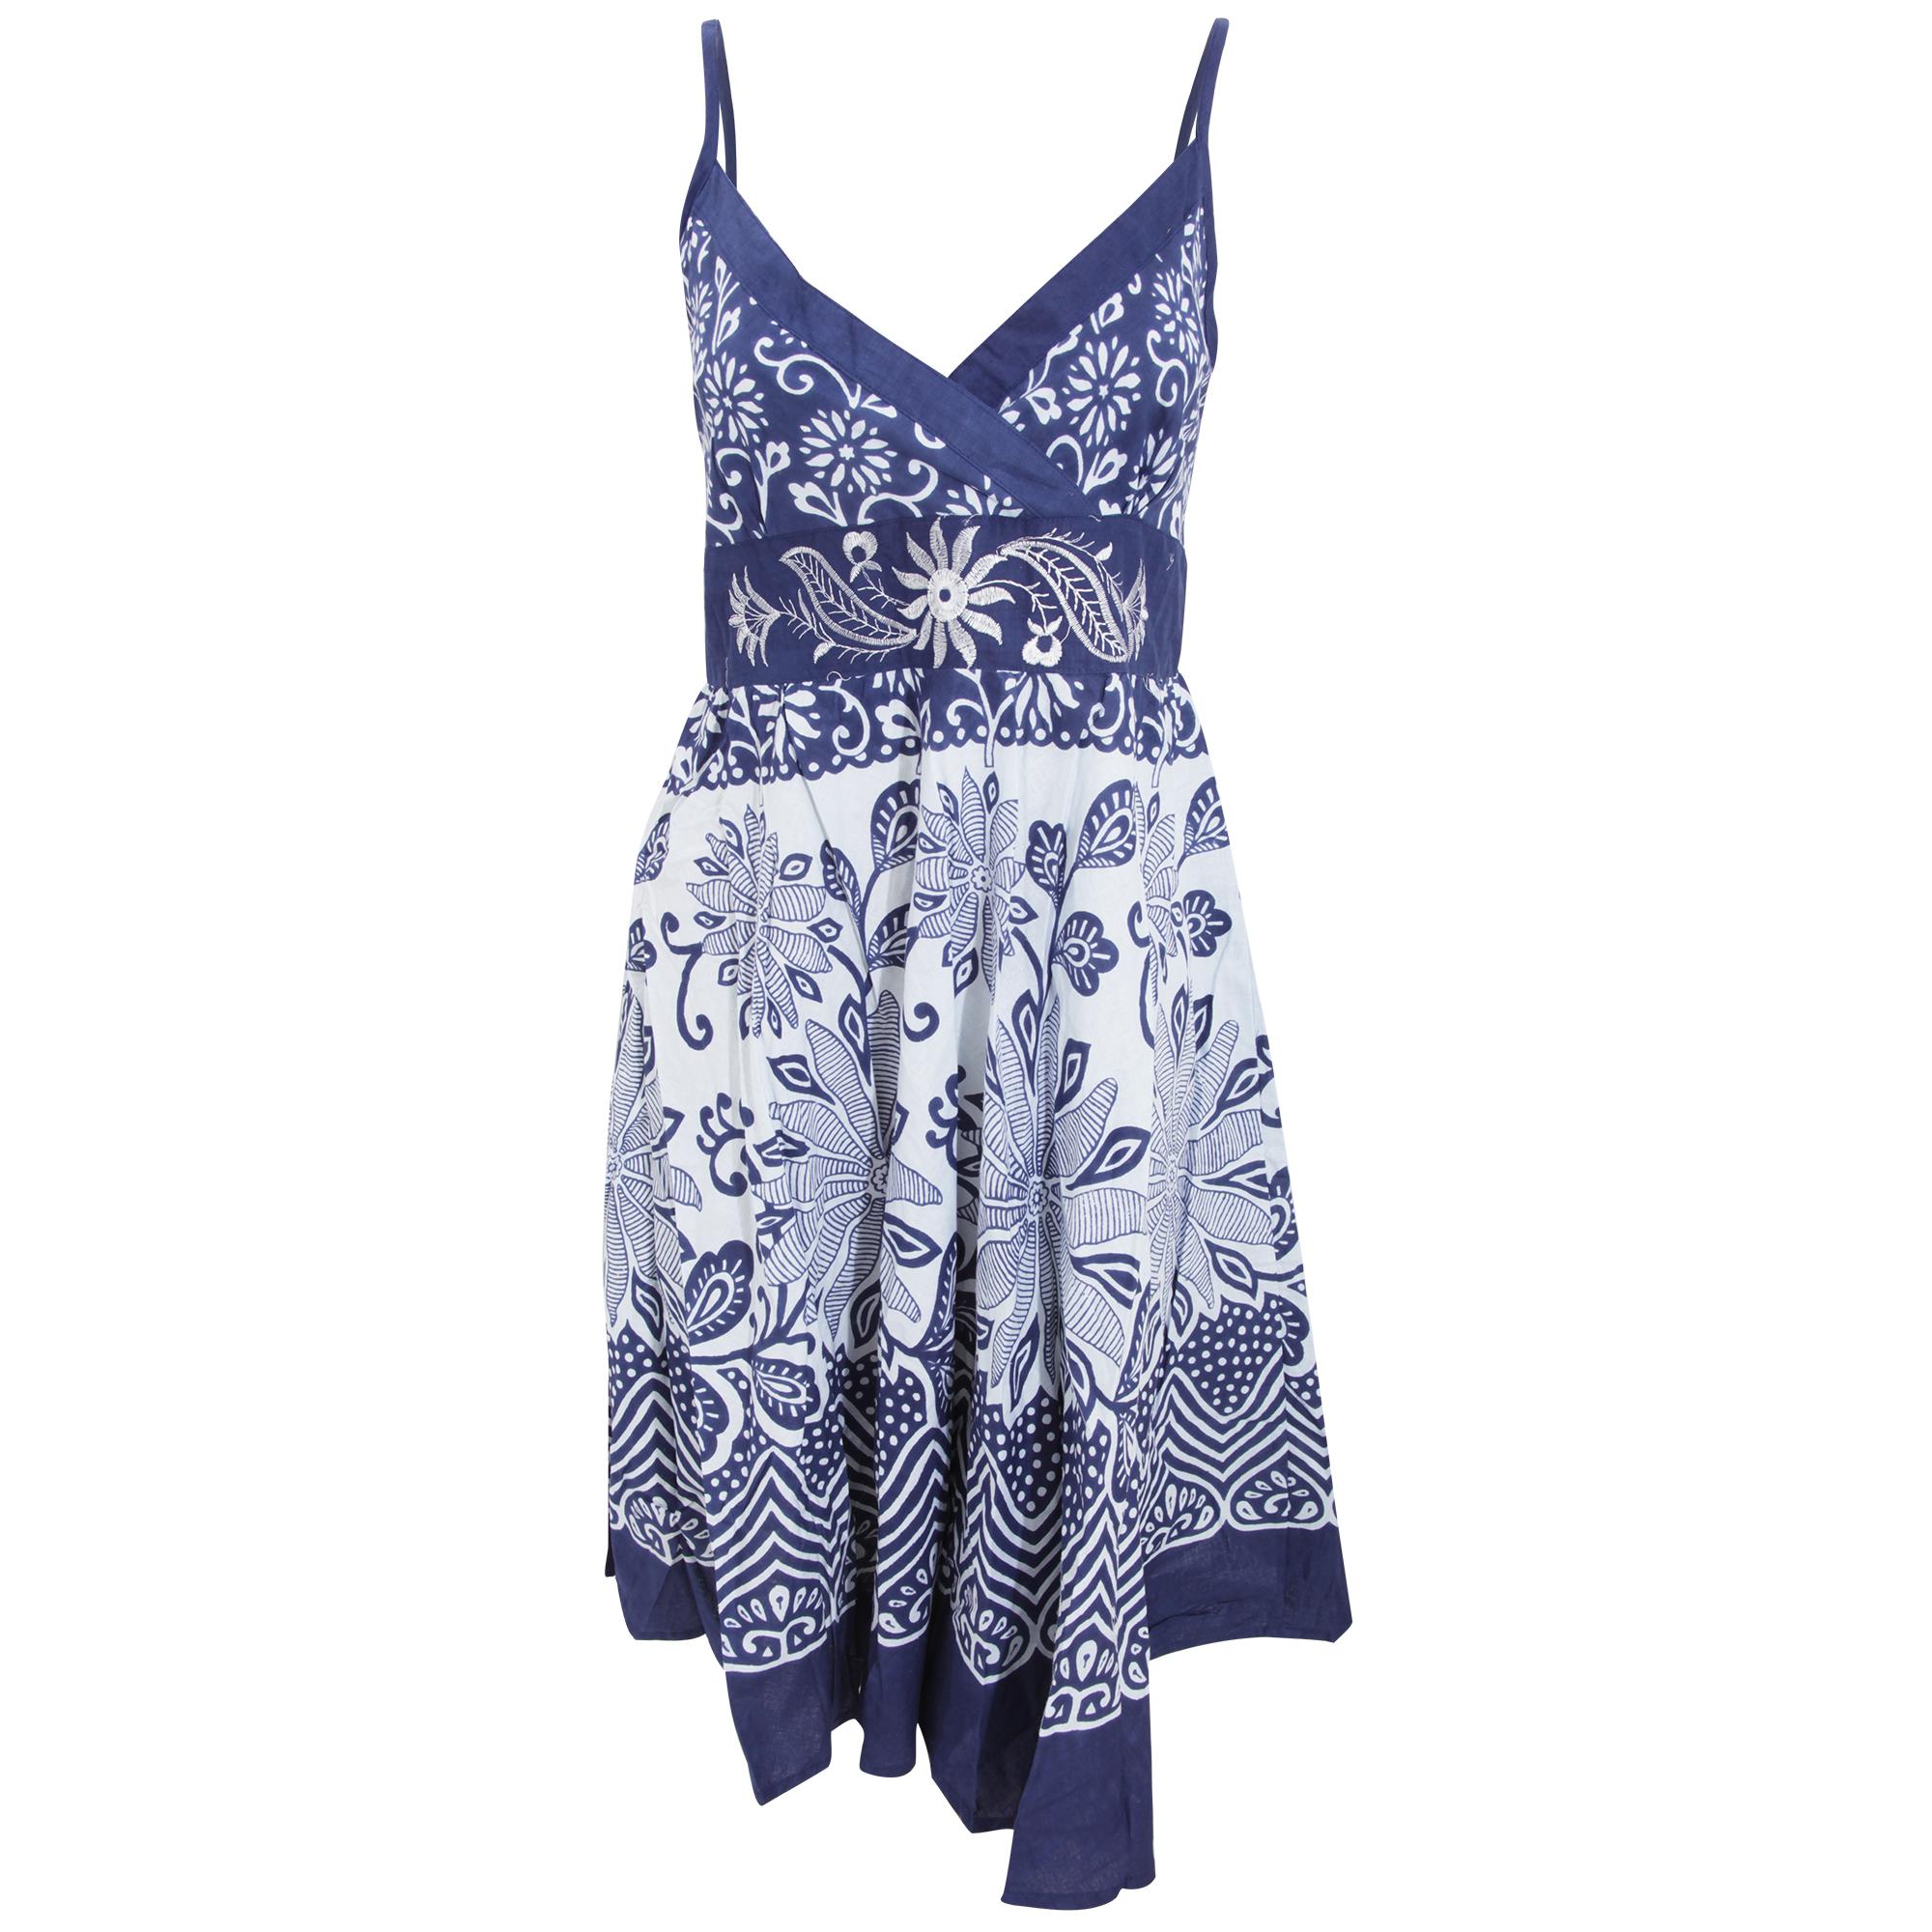 Vestido-de-verano-de-tirantes-con-estampado-de-flores-para-mujer